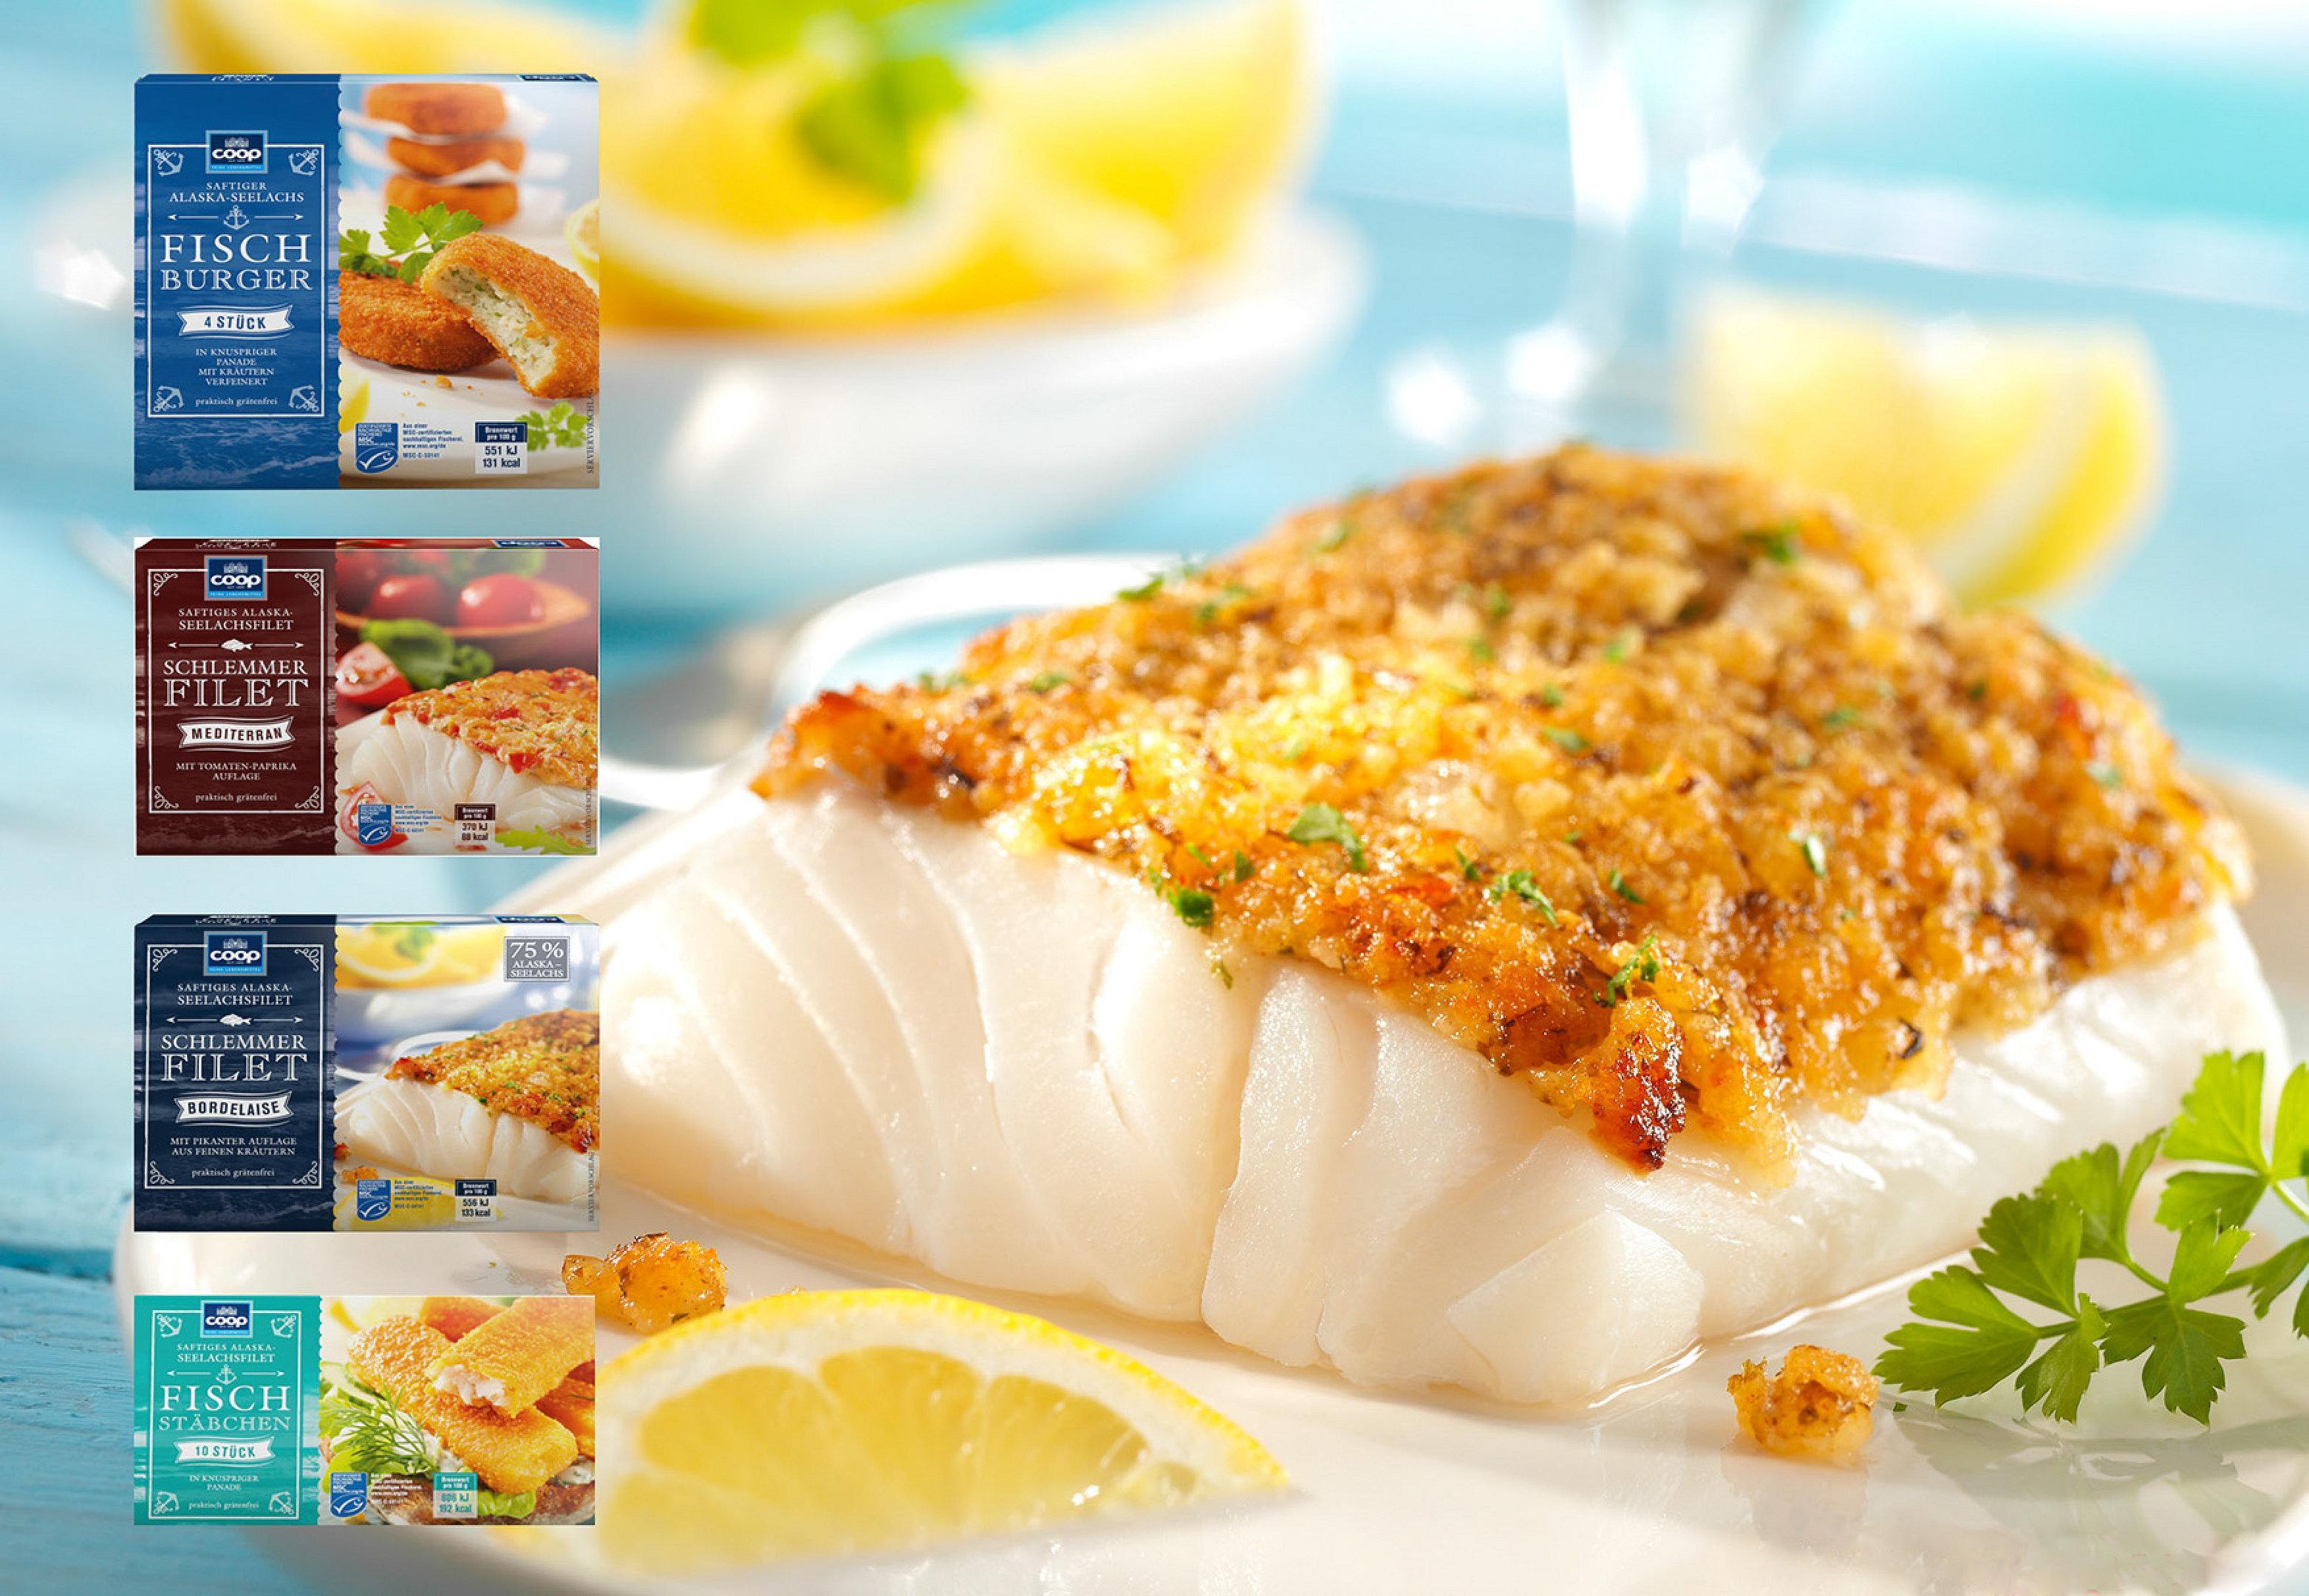 Coop Fischverpackungen